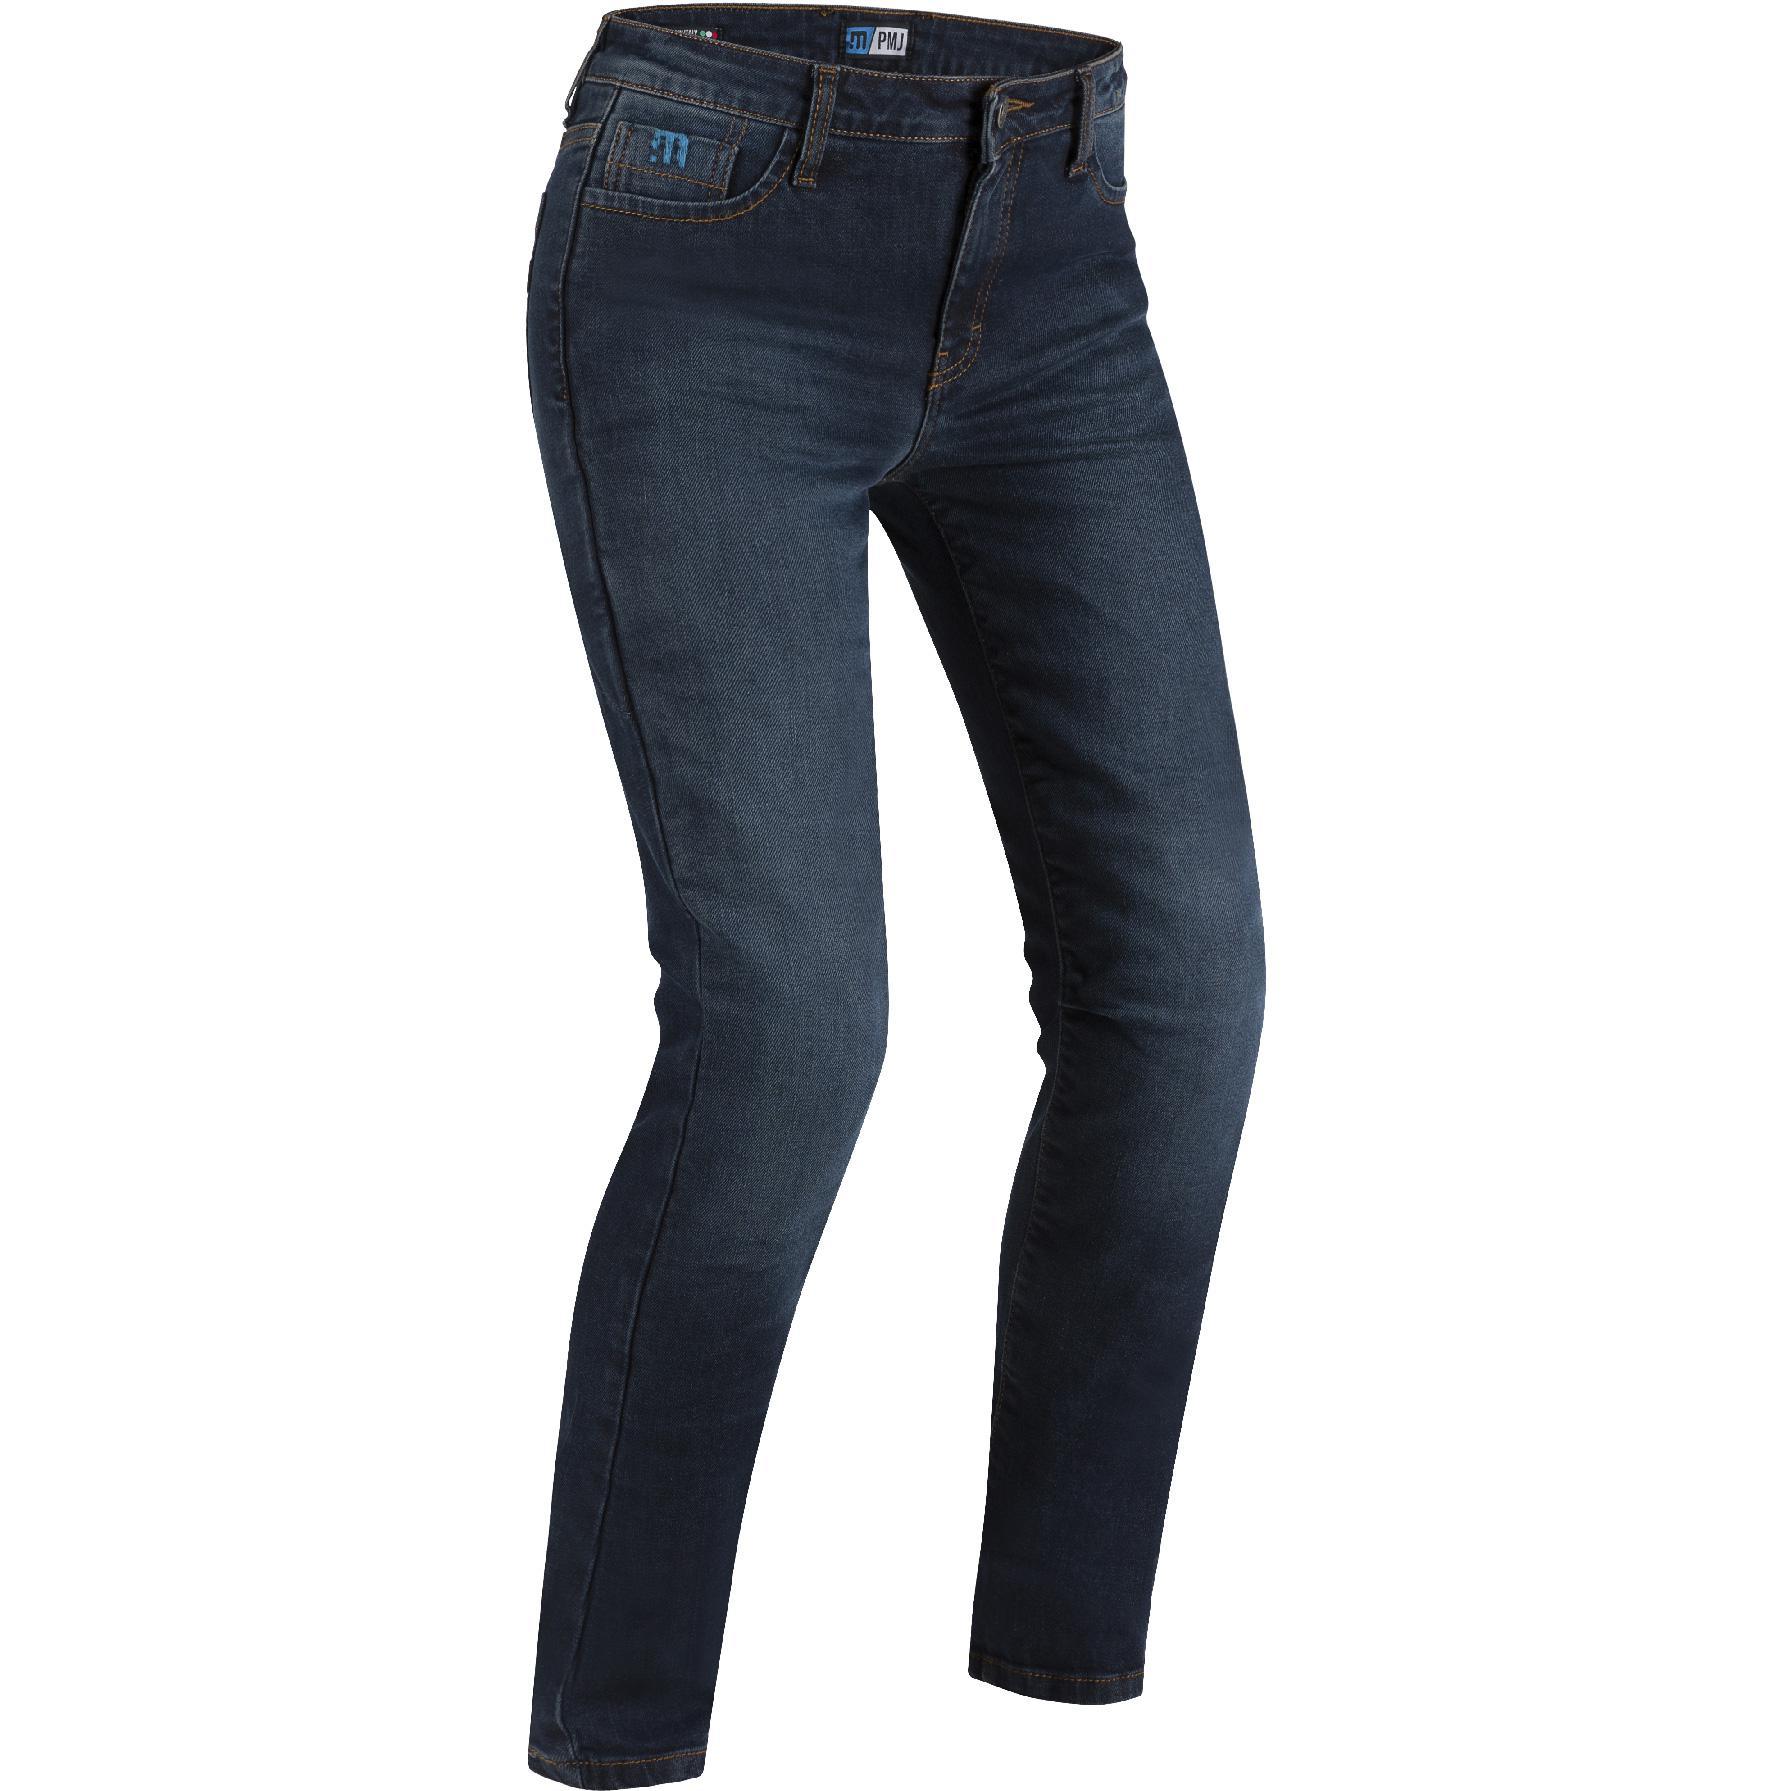 Jeans CAFERACER LADY PMJ